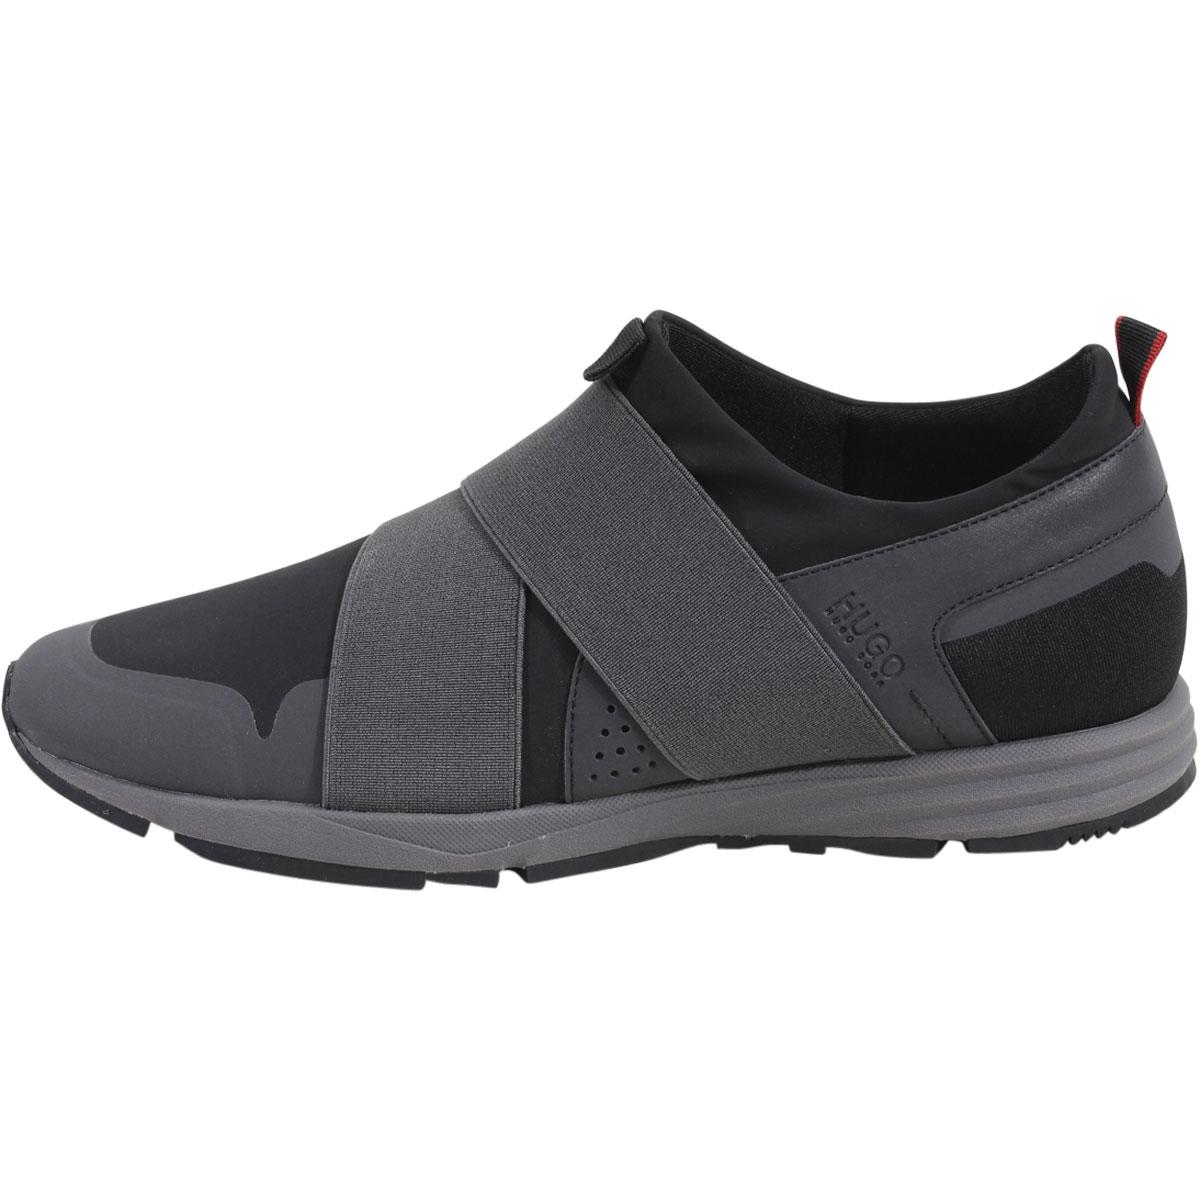 71f00ced97a Hugo Boss Men s Hybrid Slip-On Running Sneakers Shoes